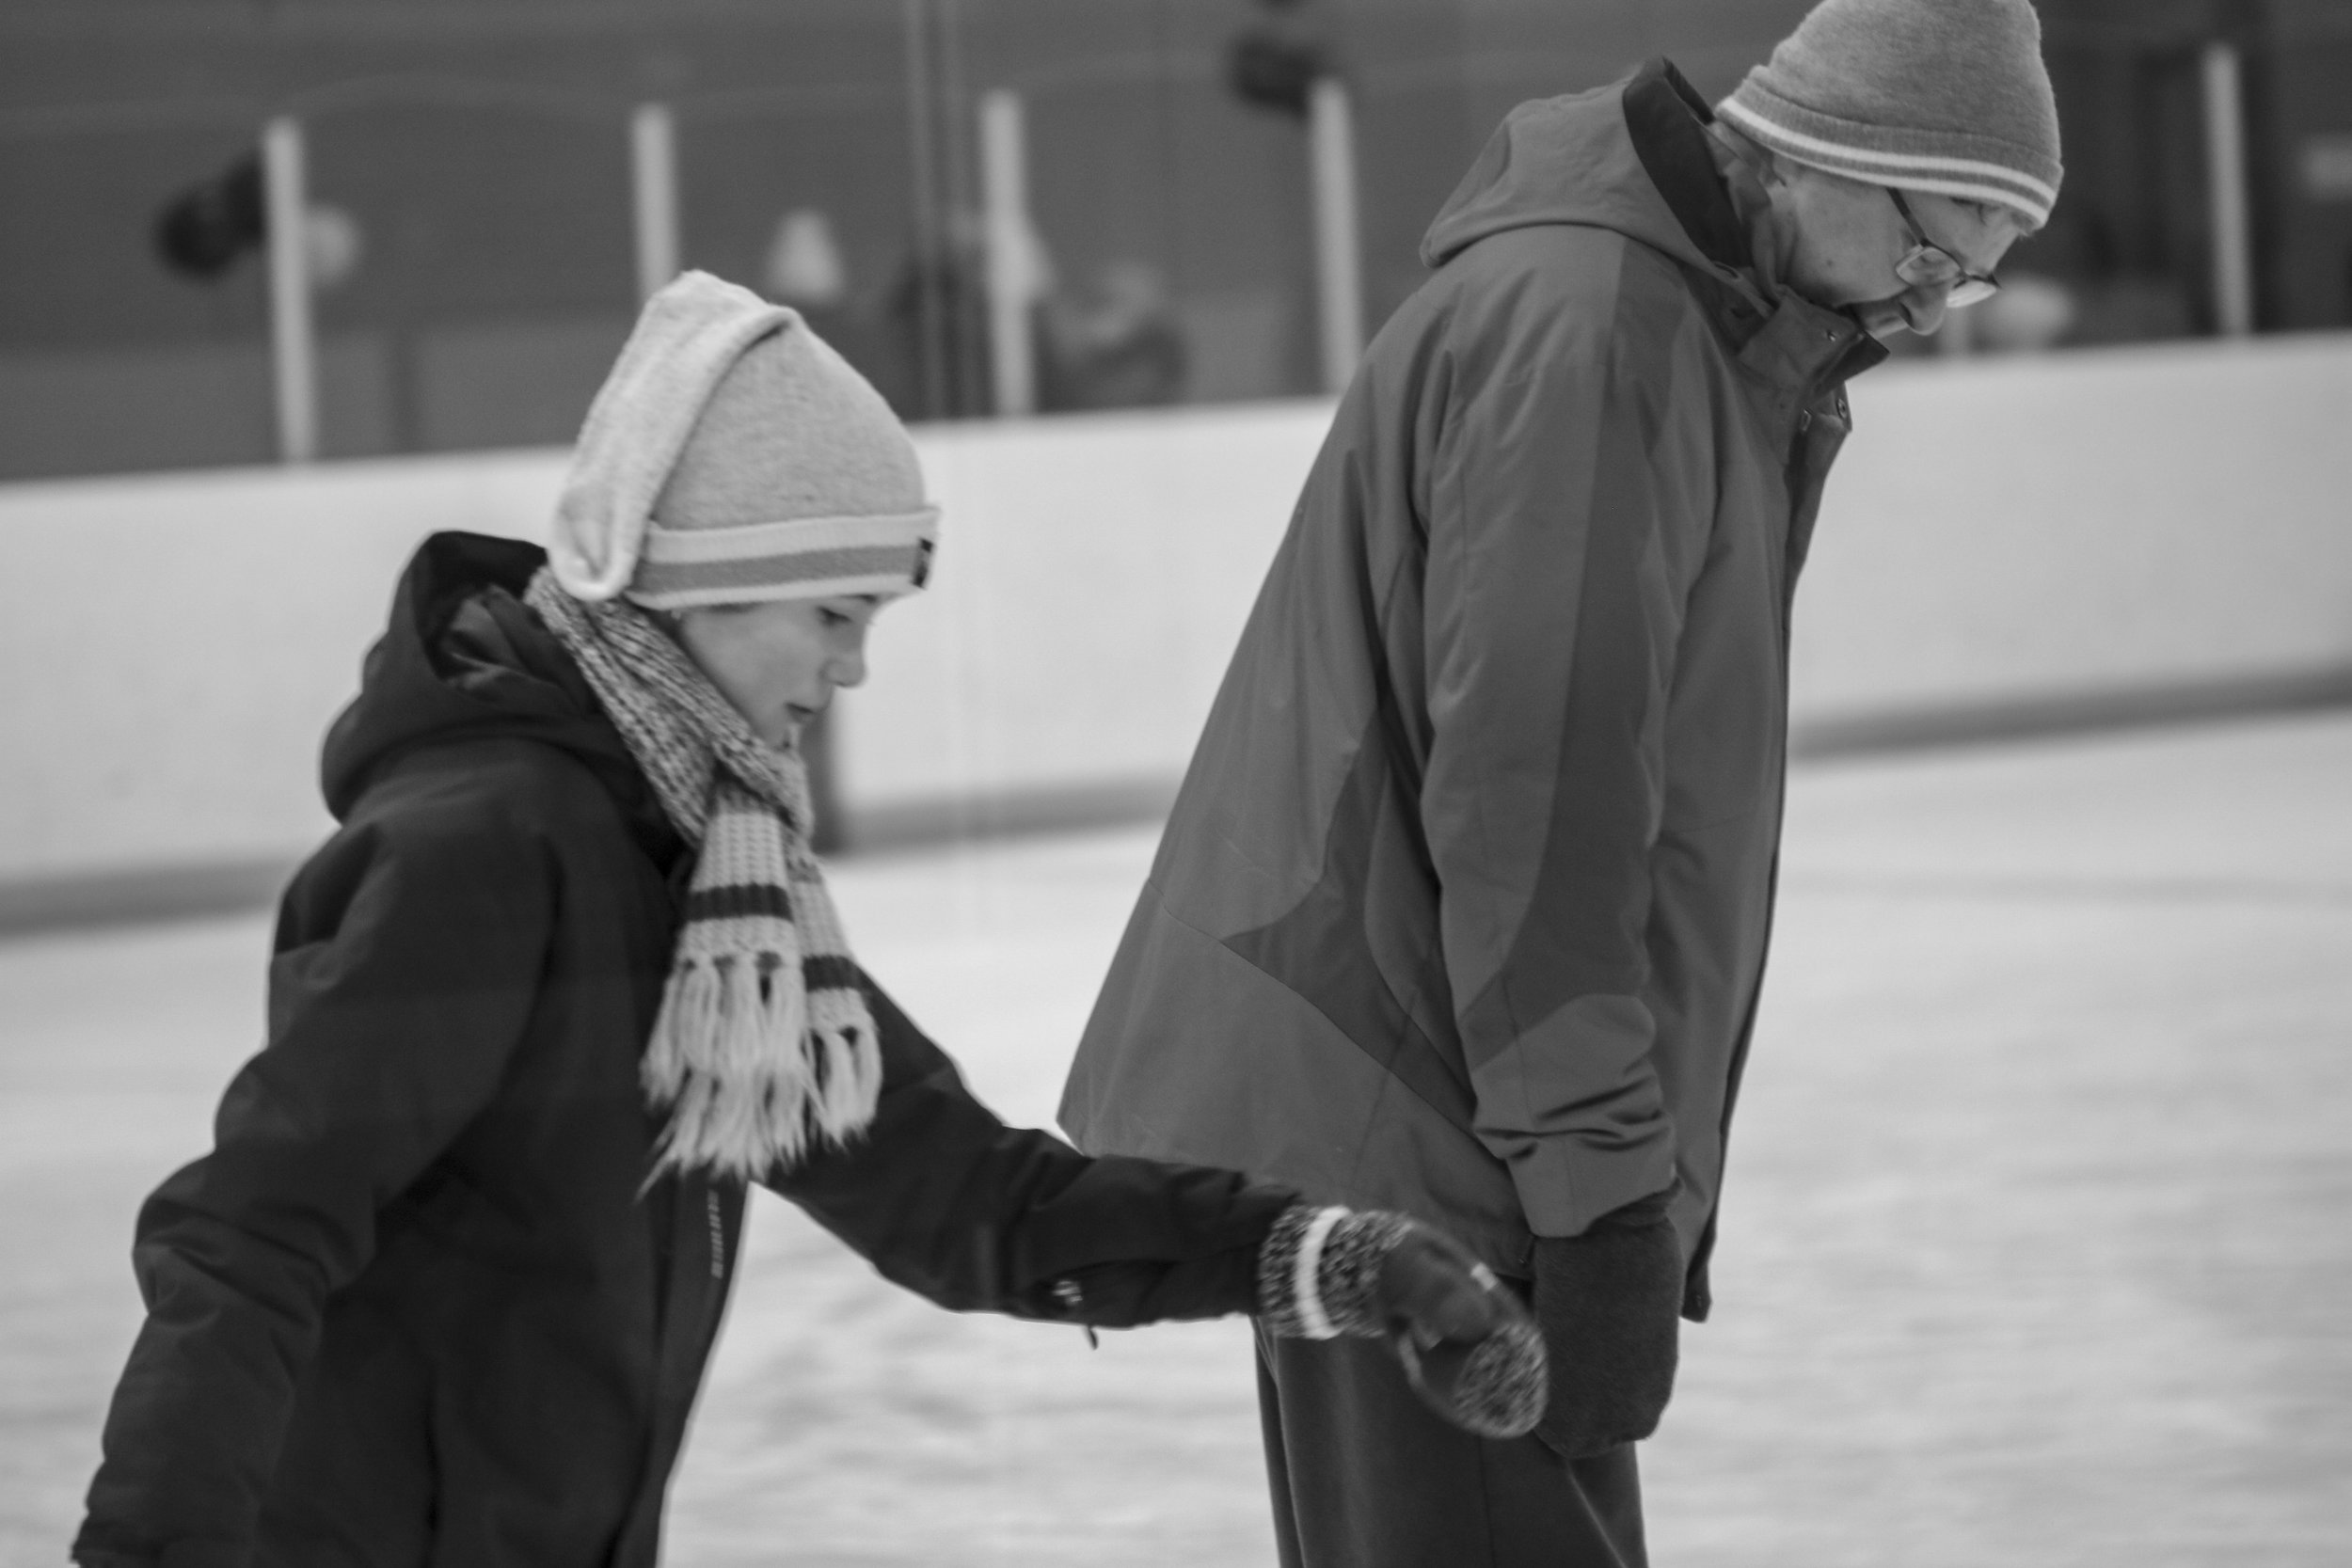 010 2019 Skating.jpg